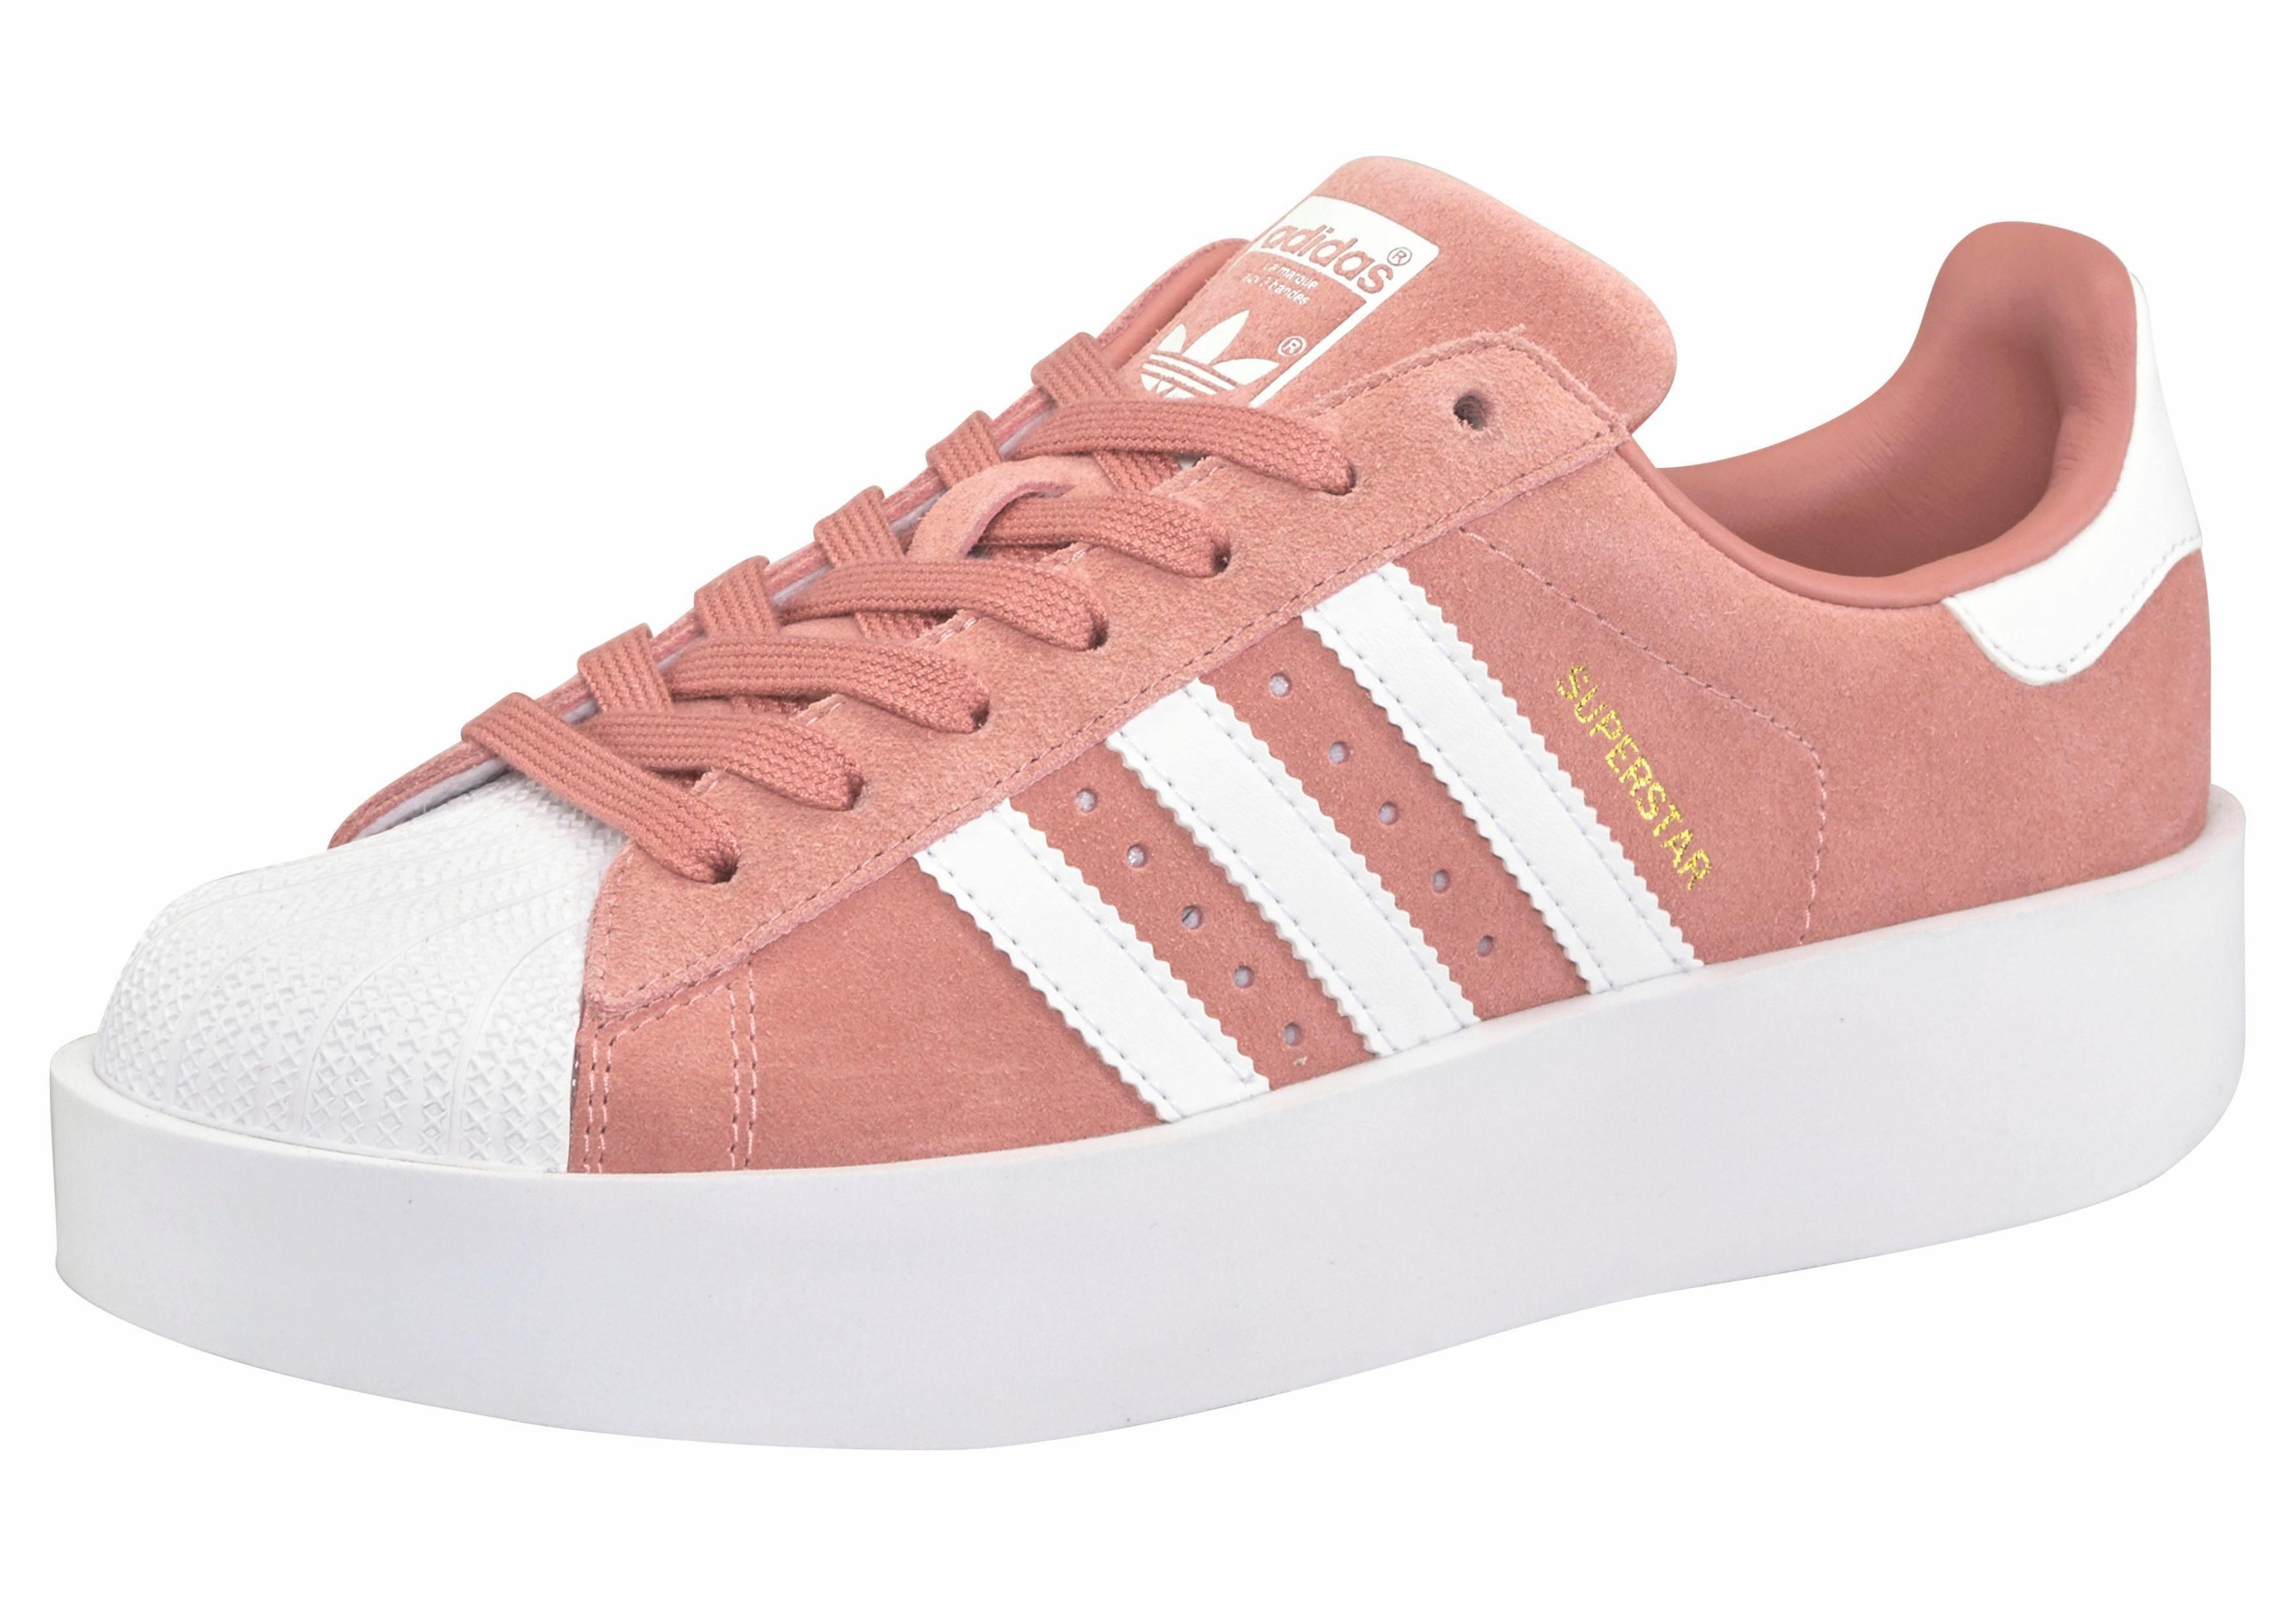 adidas schoenen superstar roze